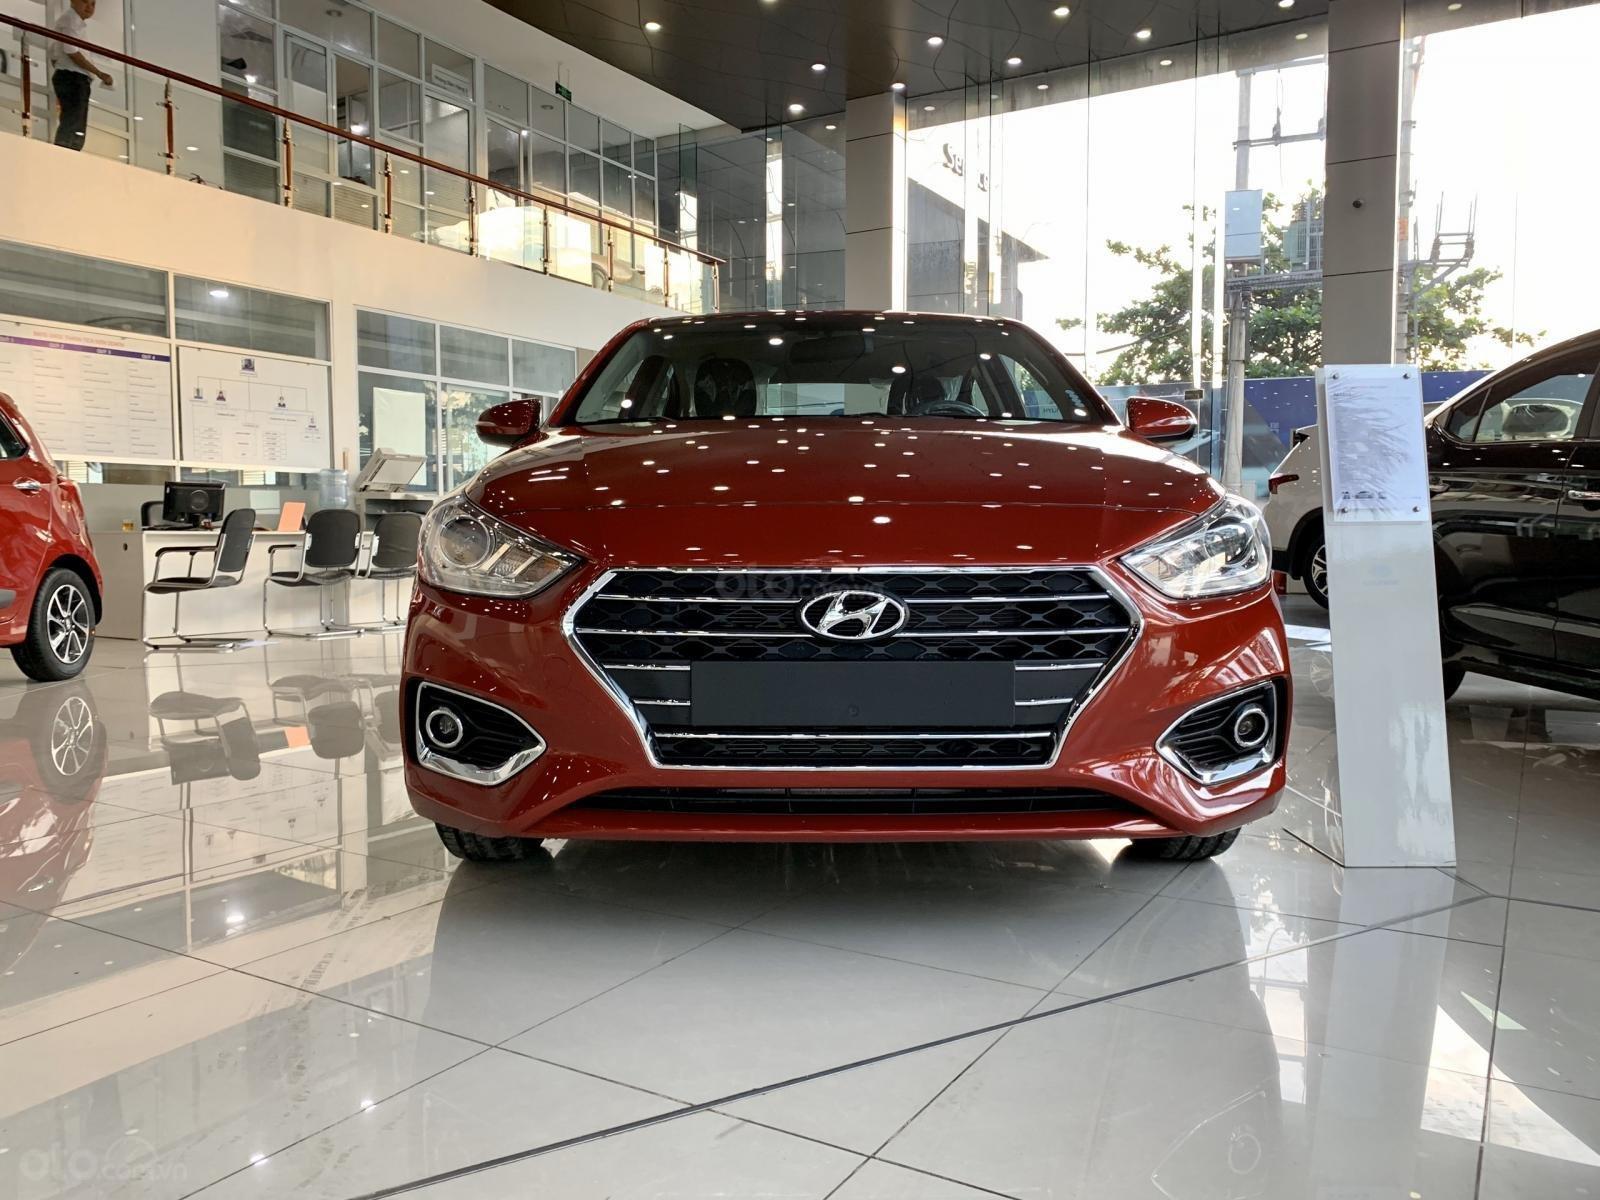 [Hot] Hyundai Accent 2020 - đủ màu giao ngay toàn quốc (2)